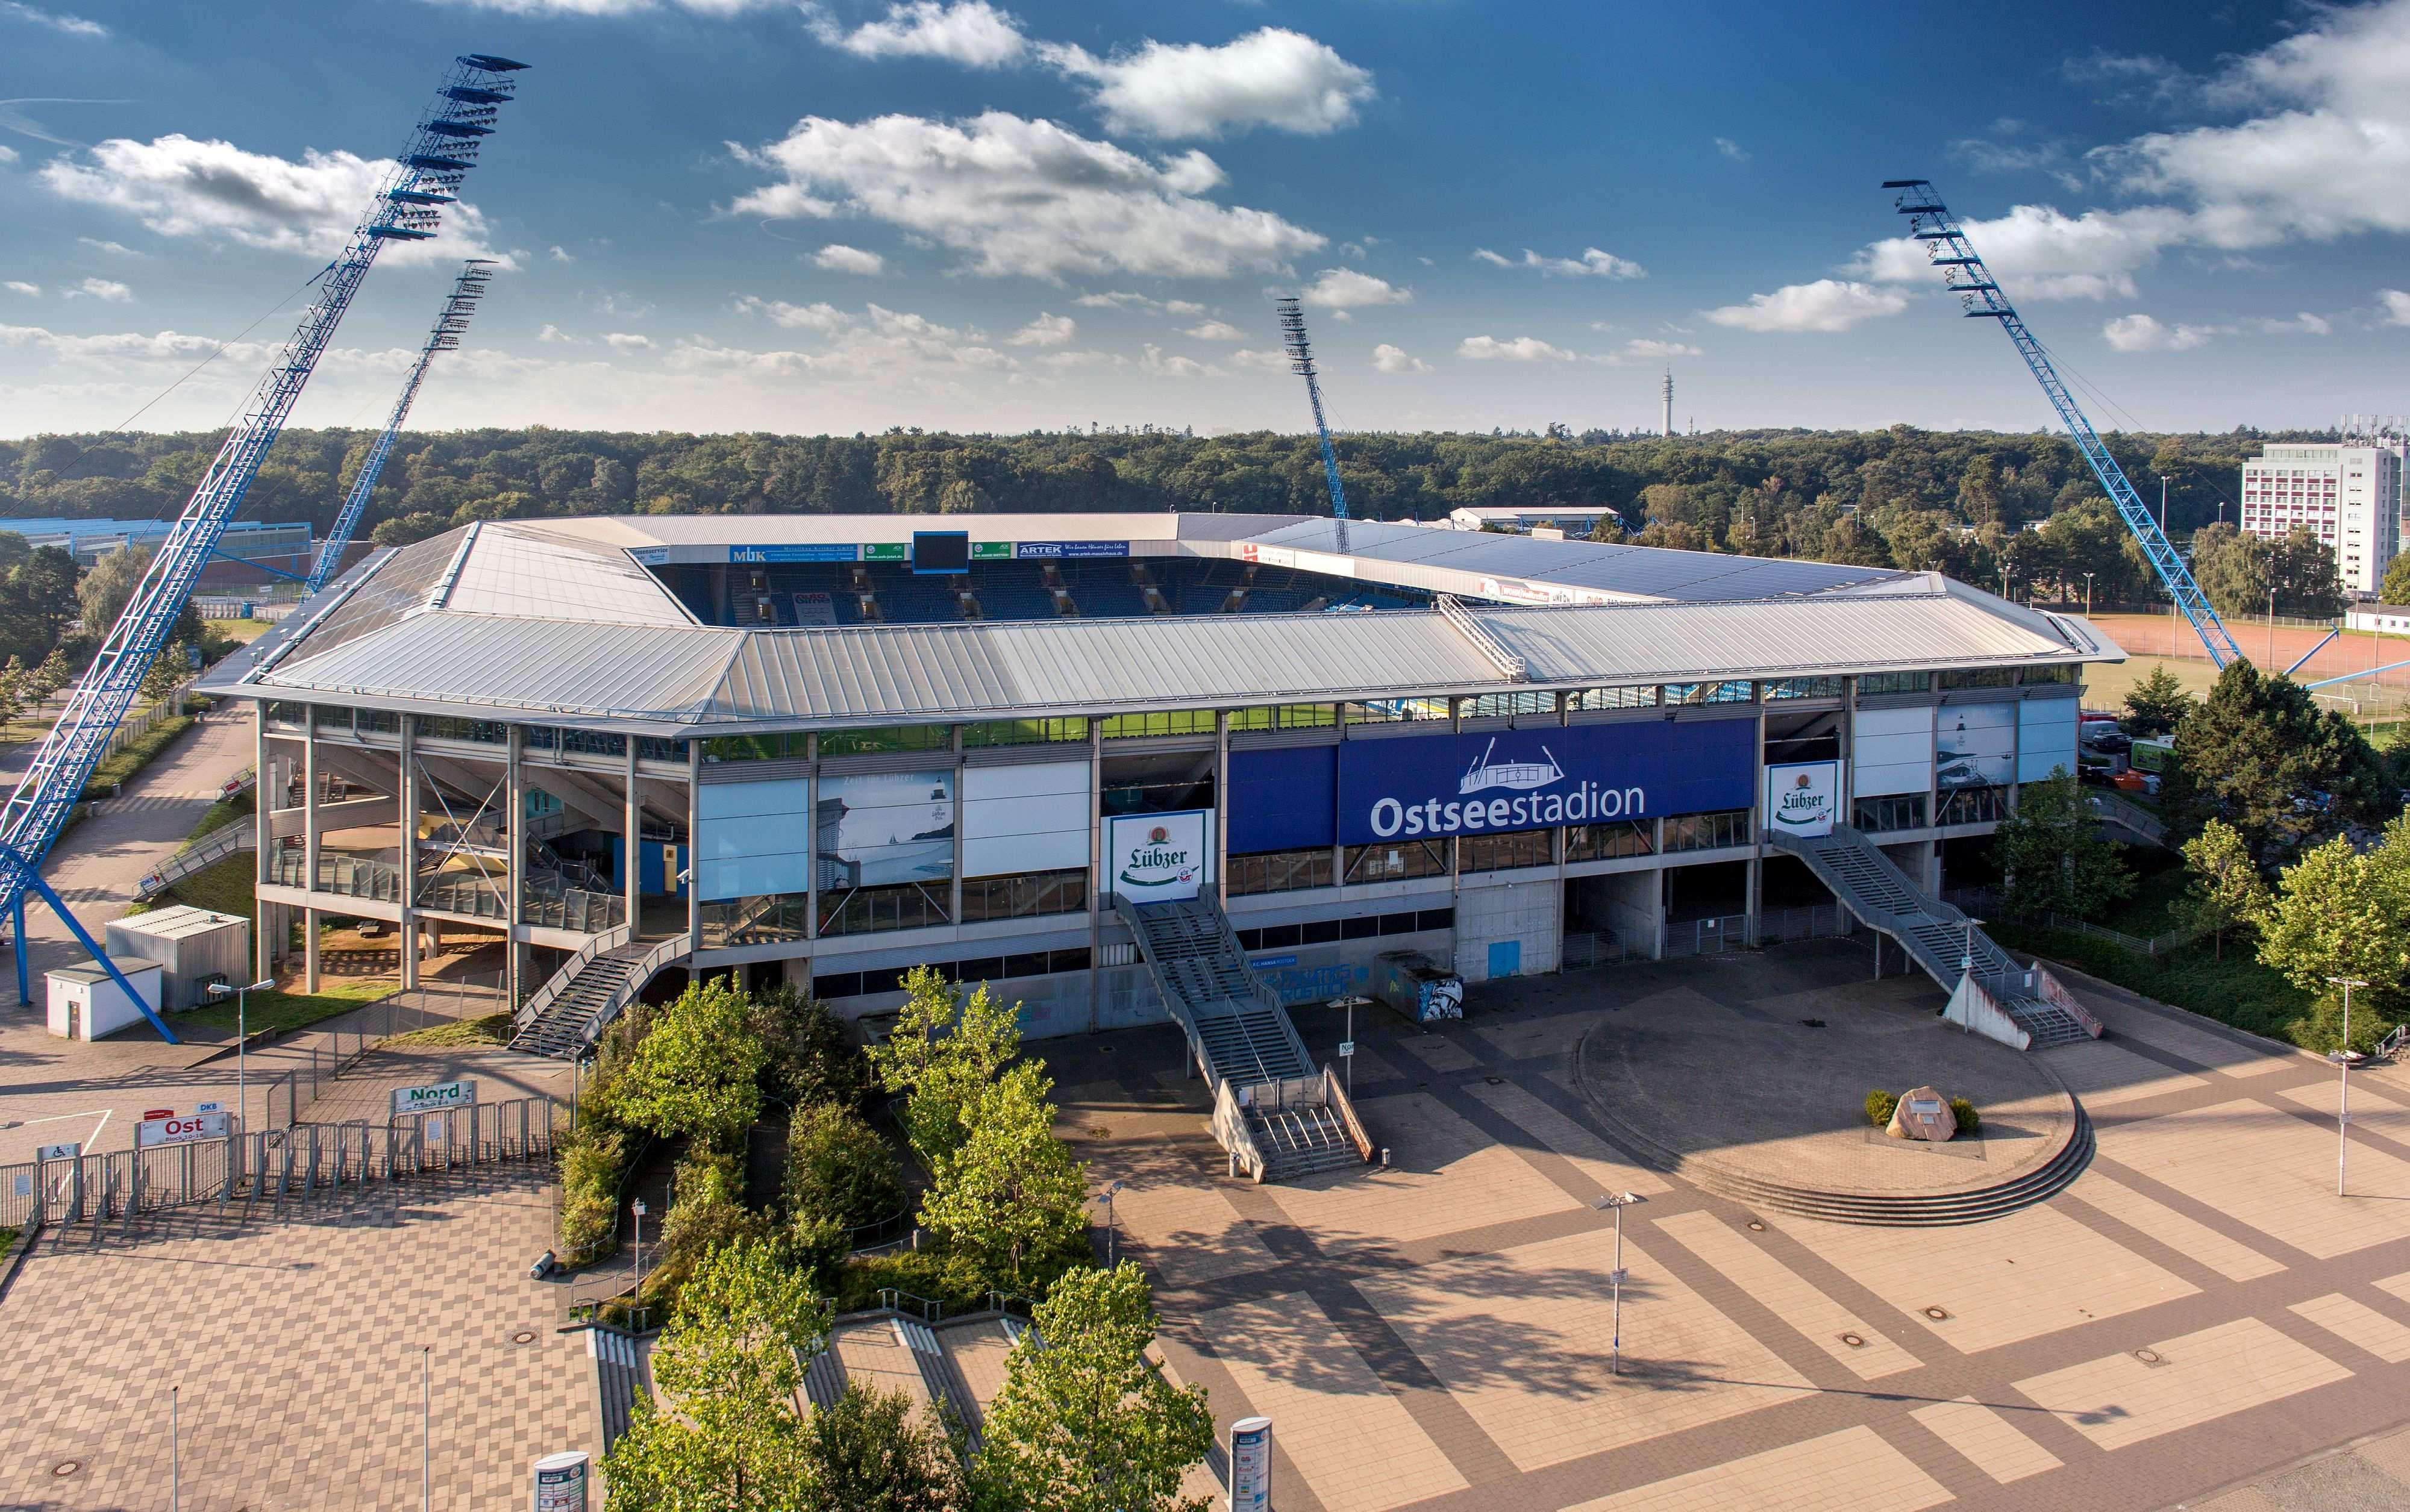 Volocam Stellt Euch Diese Fantastische Ostseestadion Aufnahme Zum Kostenlosen Download Zur Verfugung Hansa Rostock Rostock Hansestadt Rostock